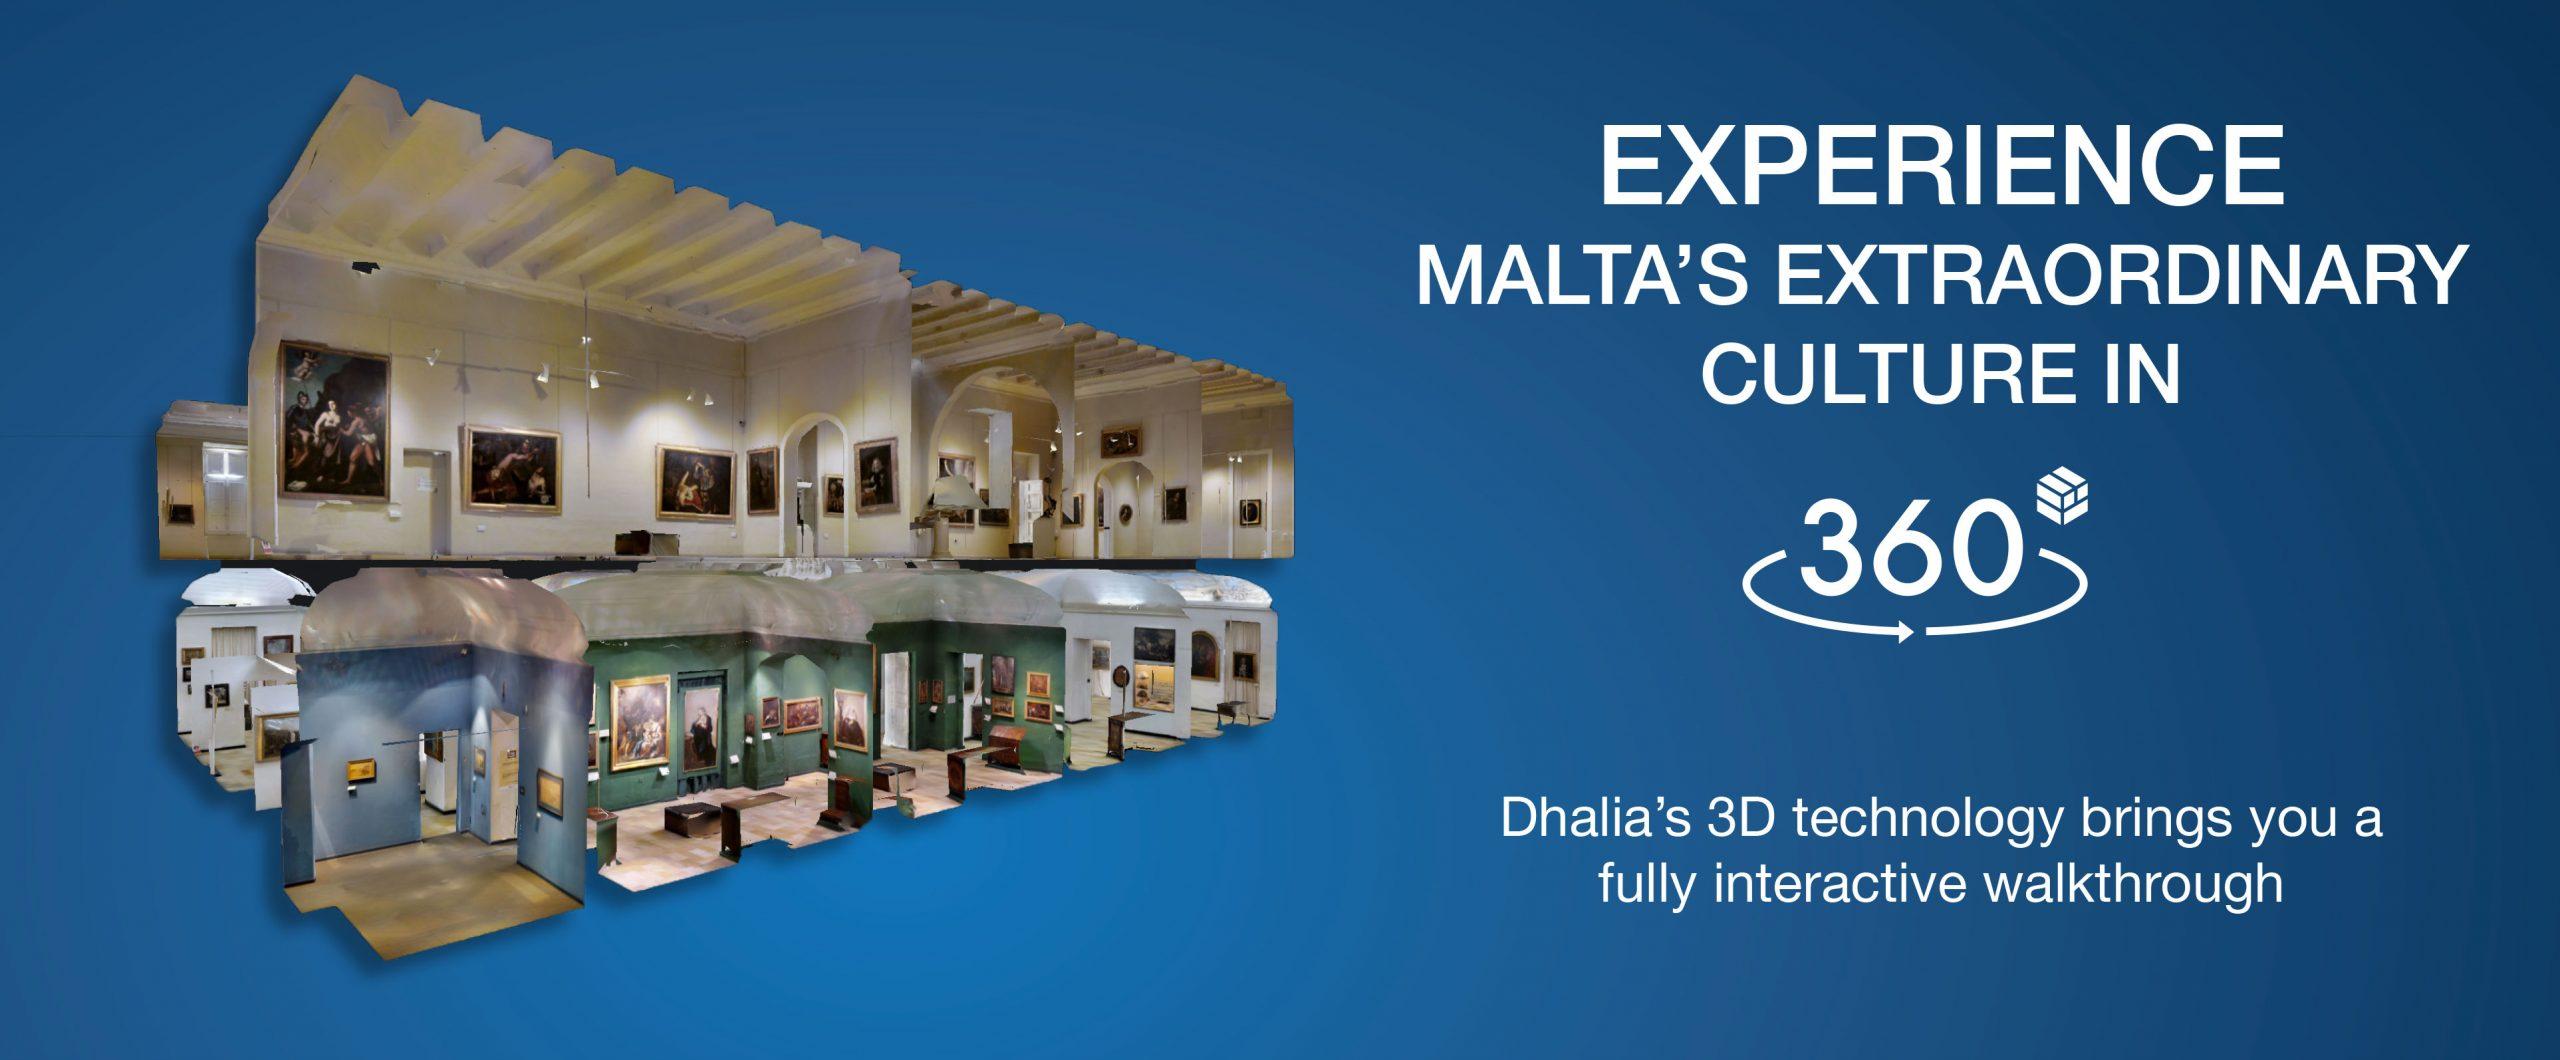 Malta's Heritage in 3D